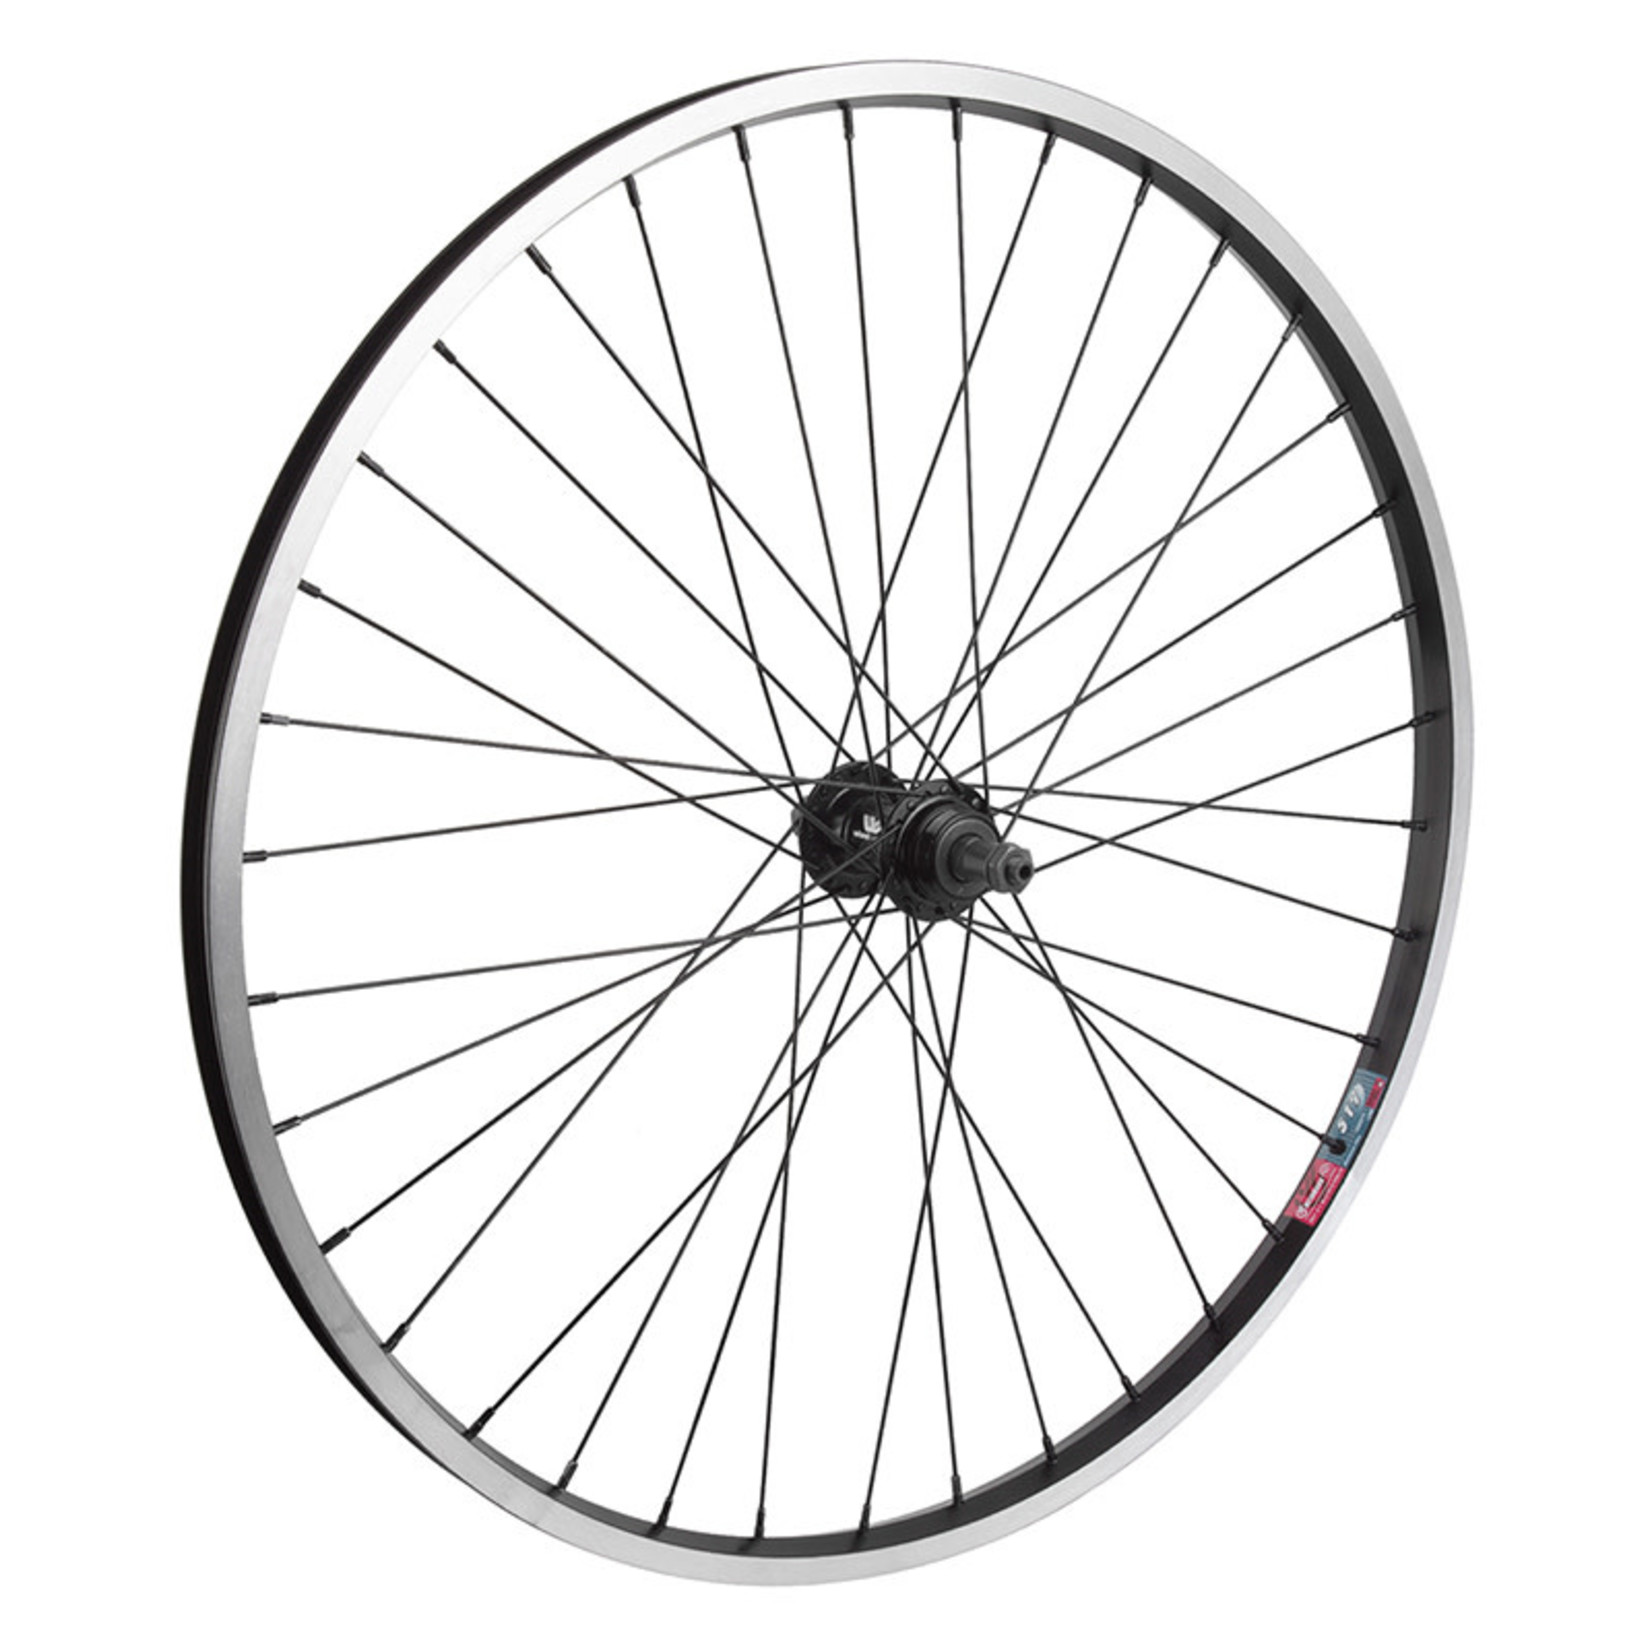 """26"""" Rear Wheel Alloy Mountain Single Wall FW QR 135mm 14g Black w/MSW"""